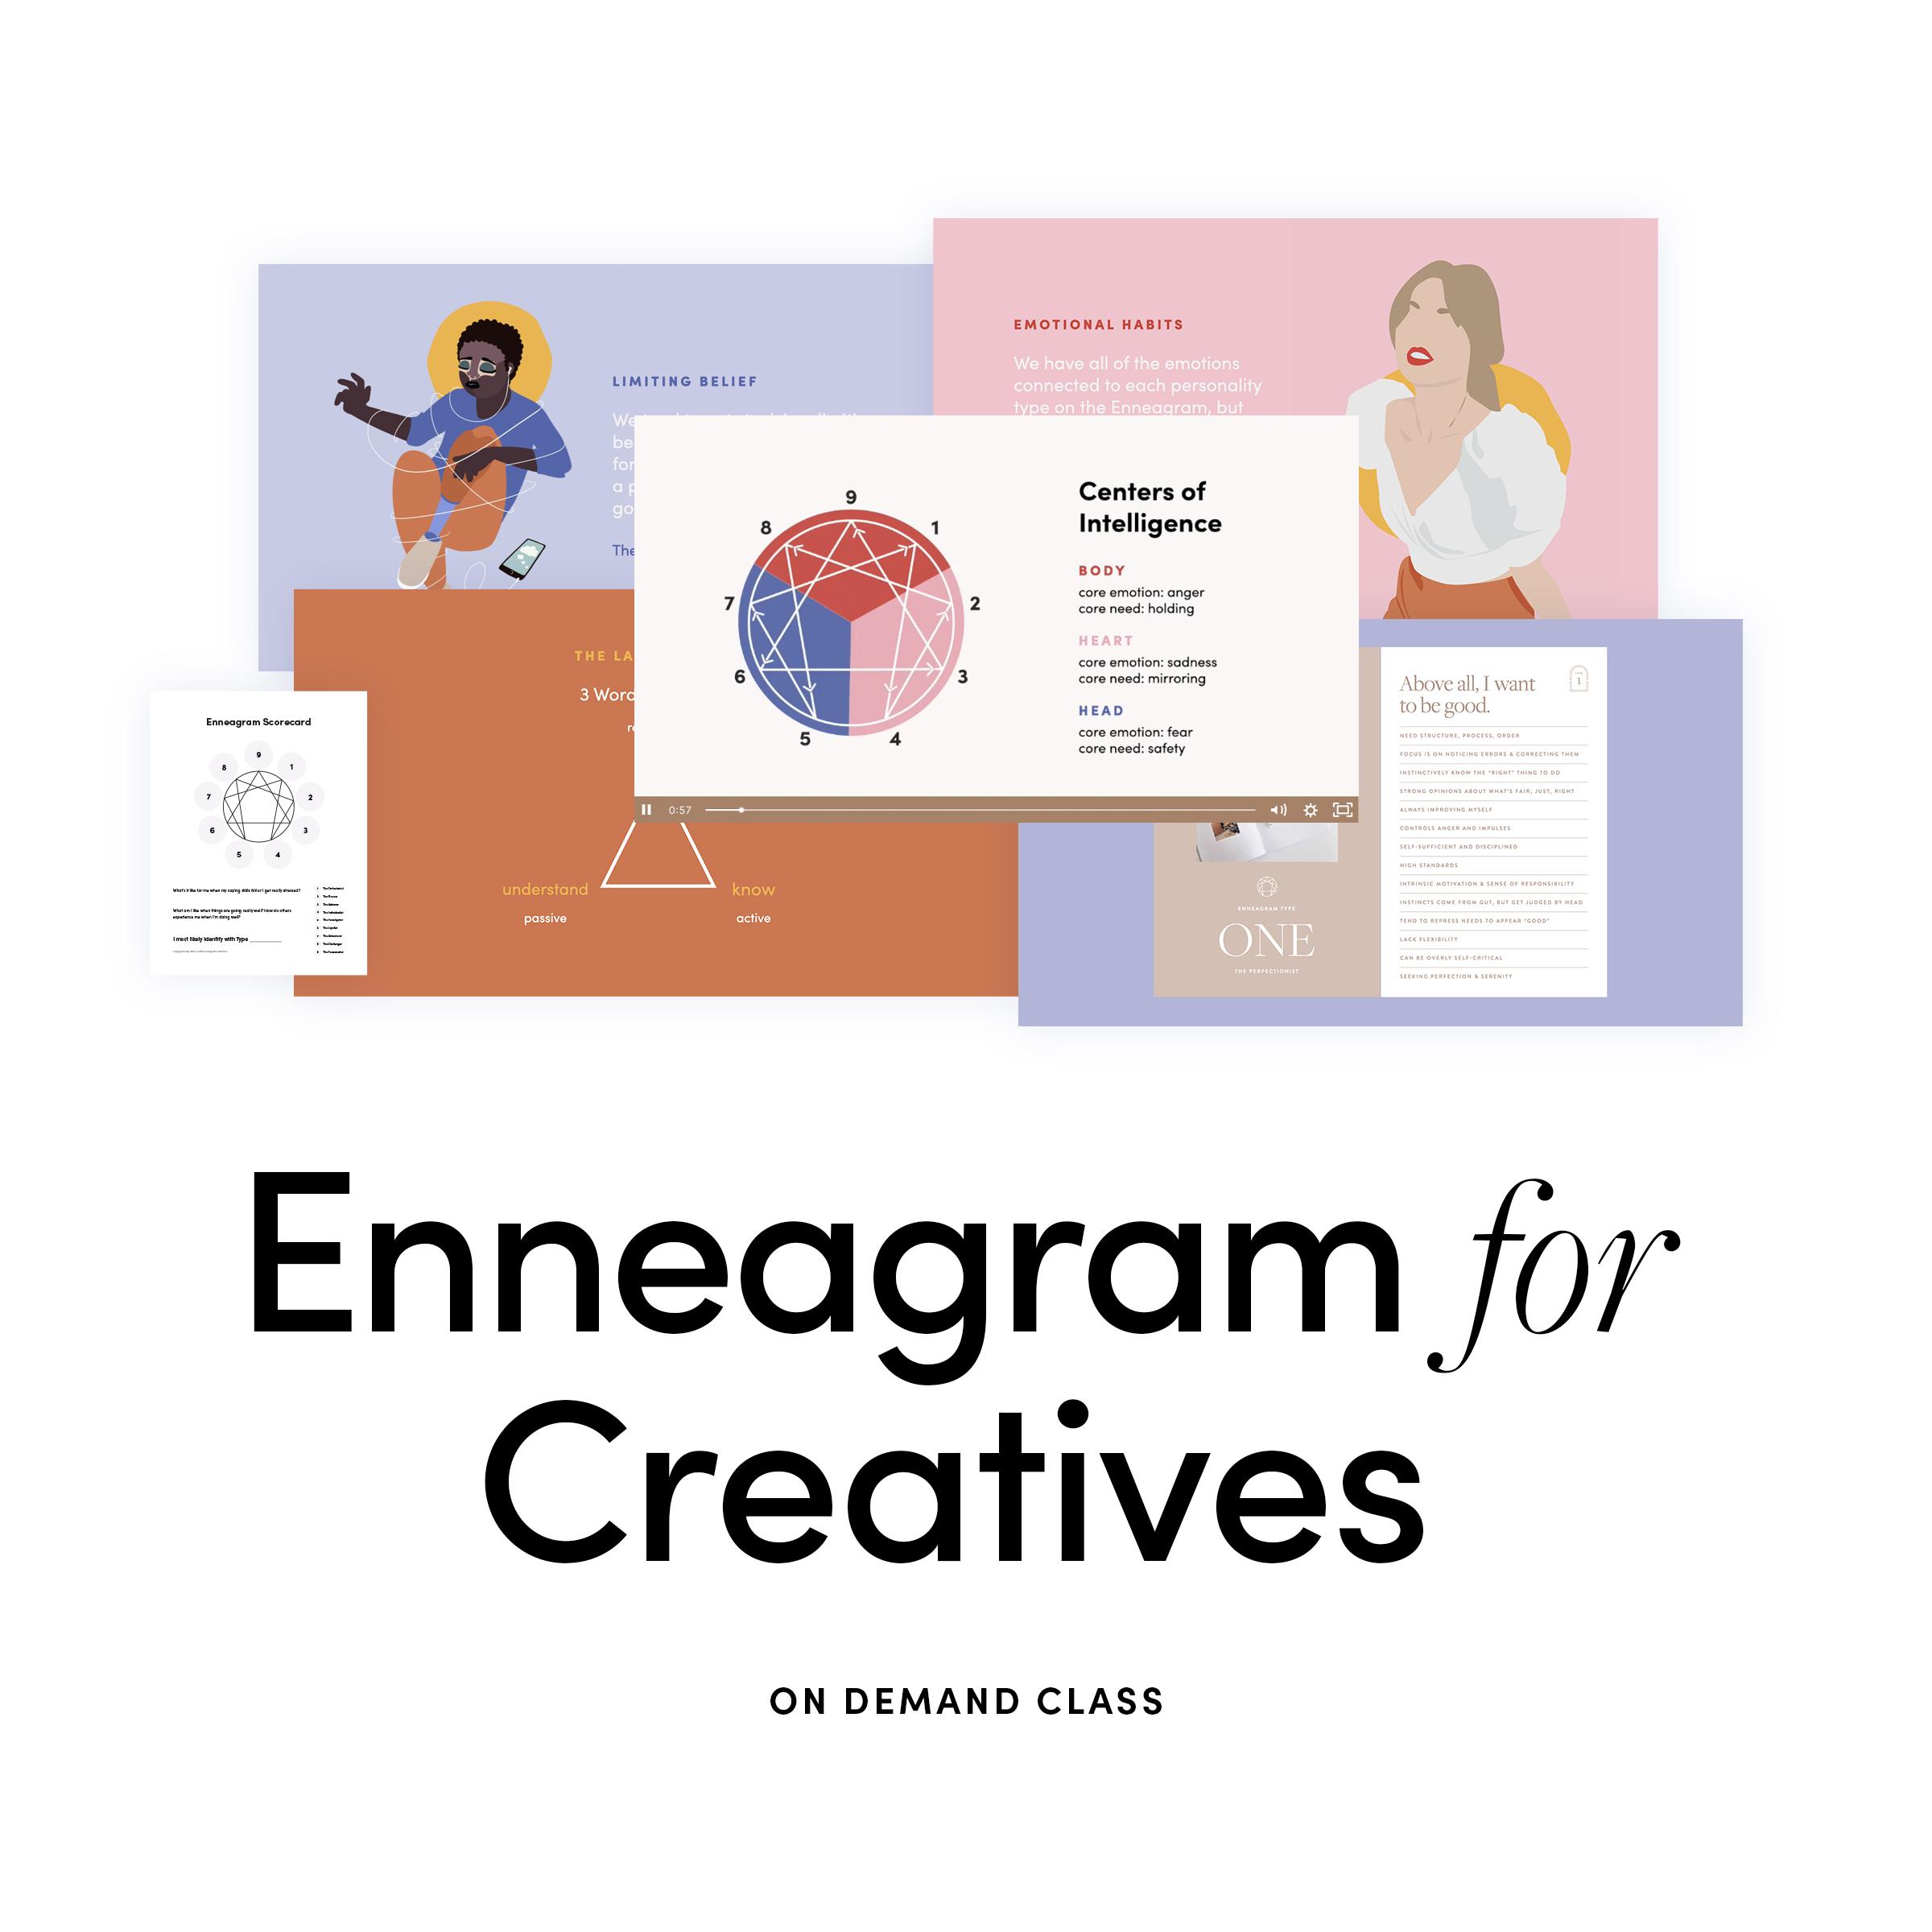 Enneagram for Creatives